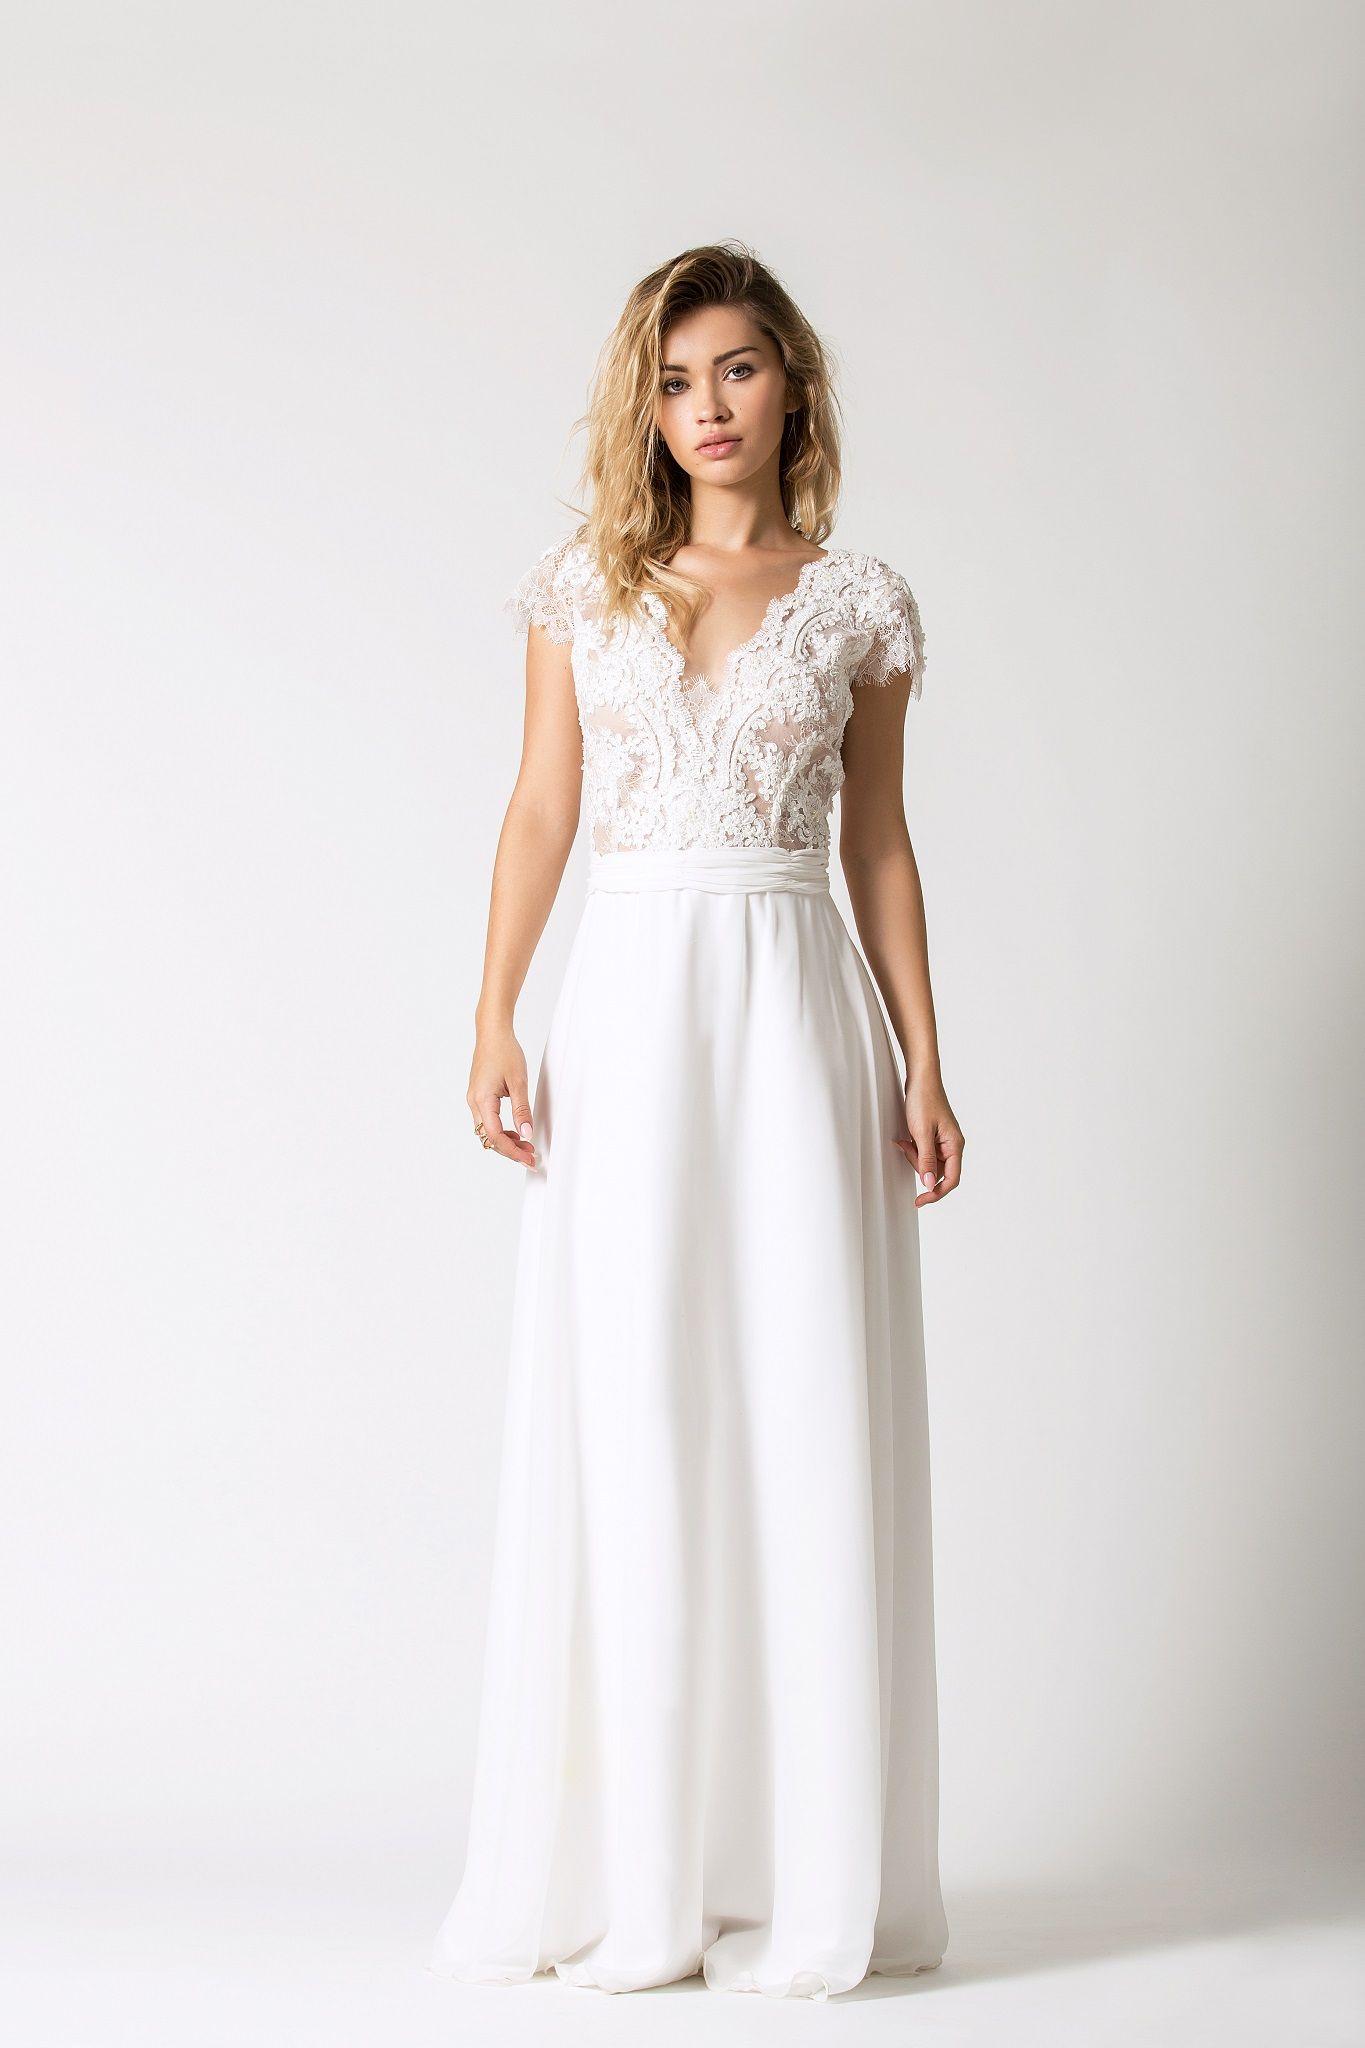 b7c635d0d6 Suknia ślubna podkreślająca talię. Zdobiona góra z krótkim rękawkiem oraz  muślinowa spódnica. Piękna i